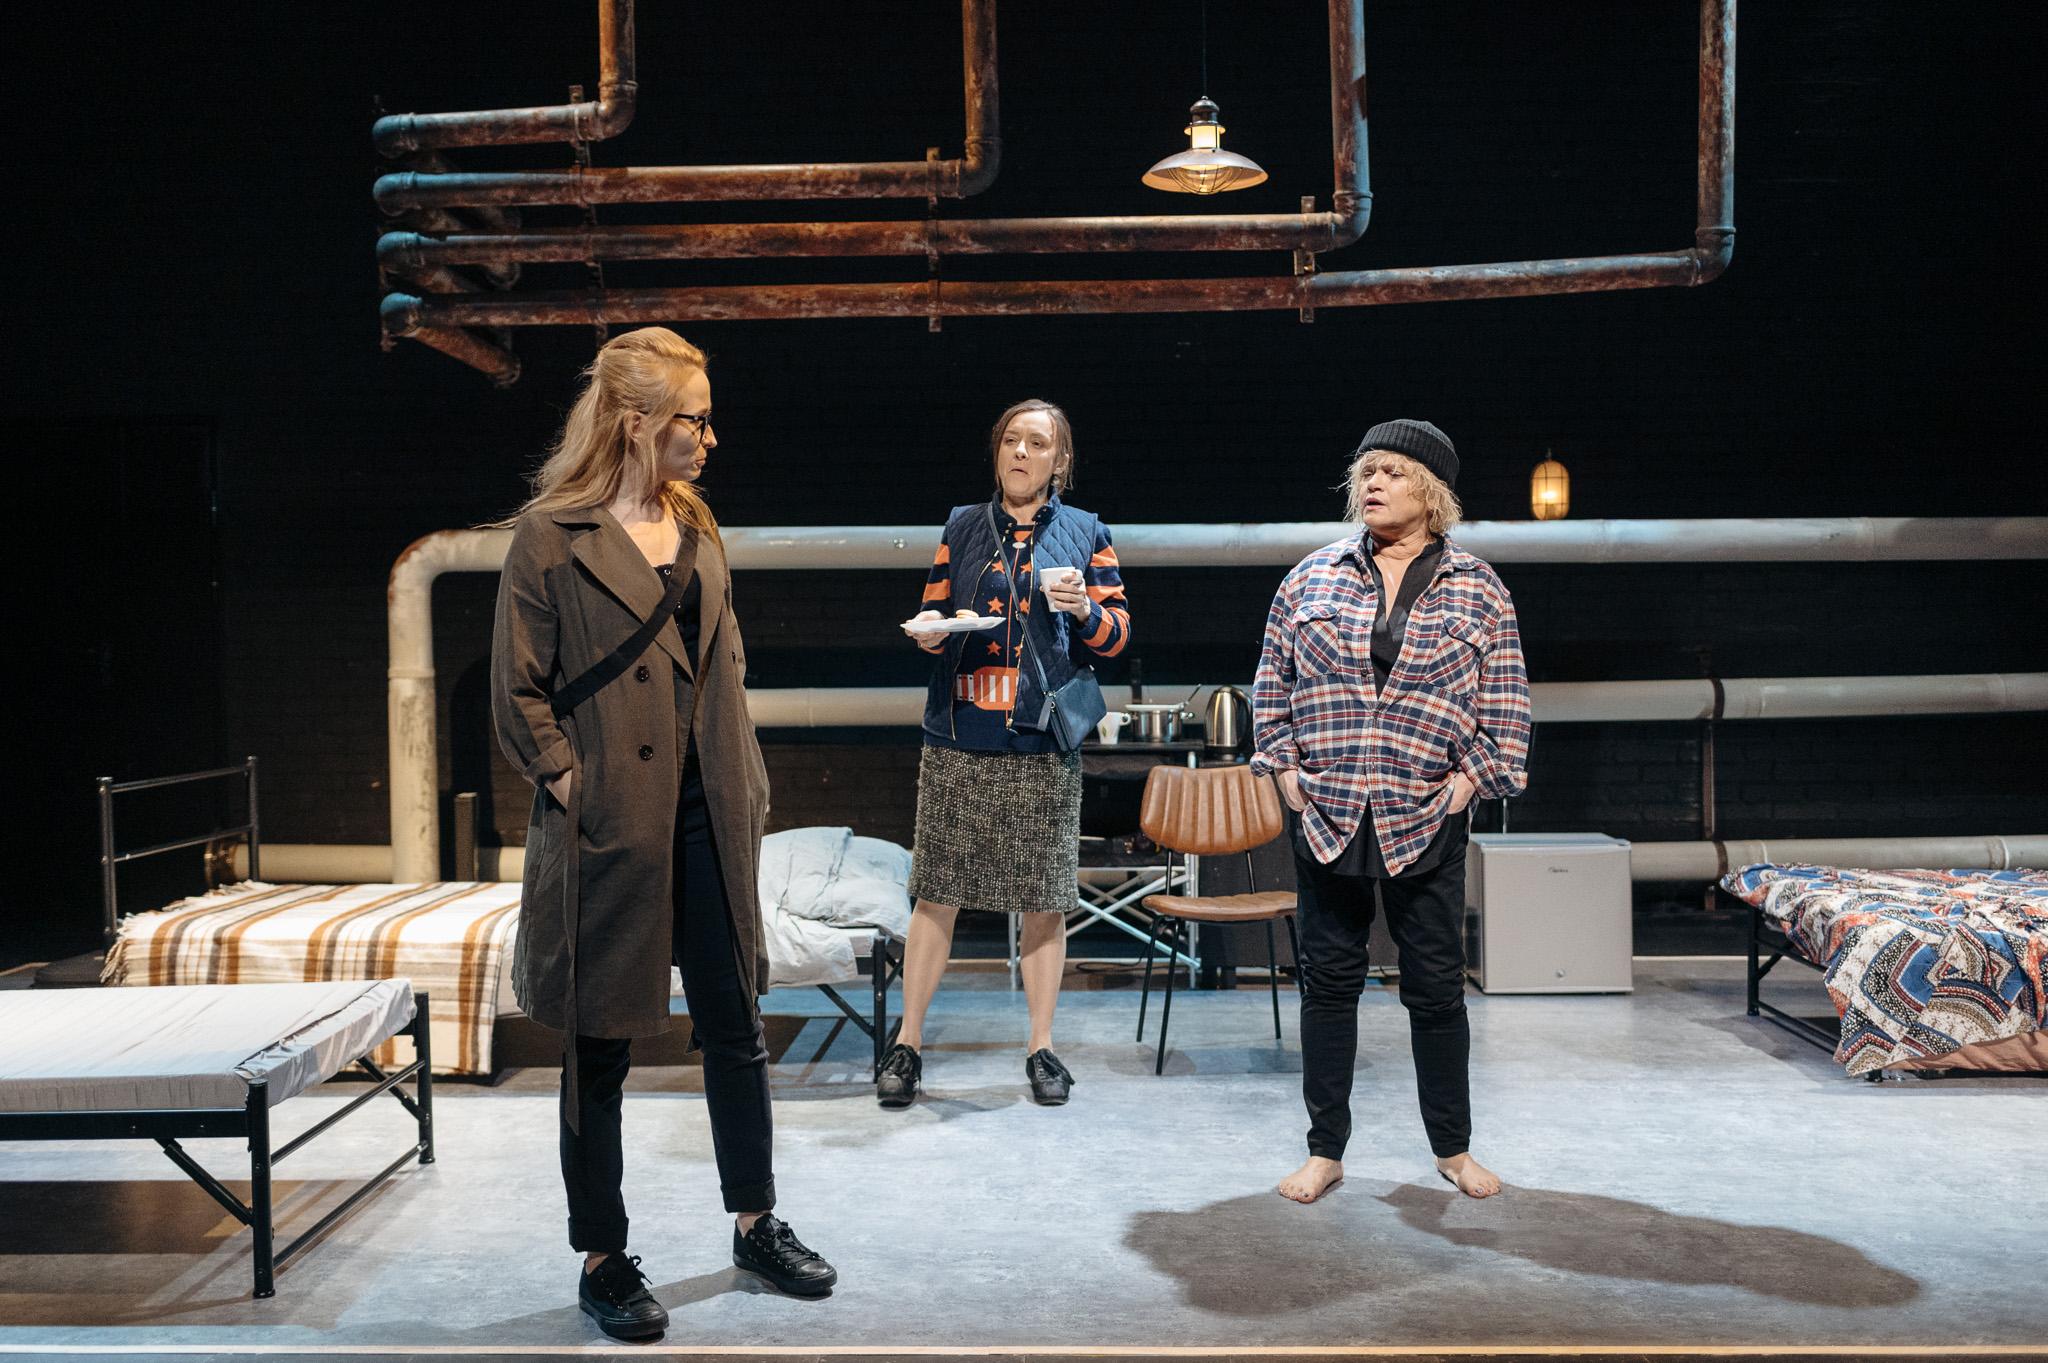 Scena ze spektaklu Emigrantki, aktorki odgrywające role: Małgorzata Brajner (Zosia), Katarzyna Figura (Teresa) iJustyna Bartoszewicz (Monika)